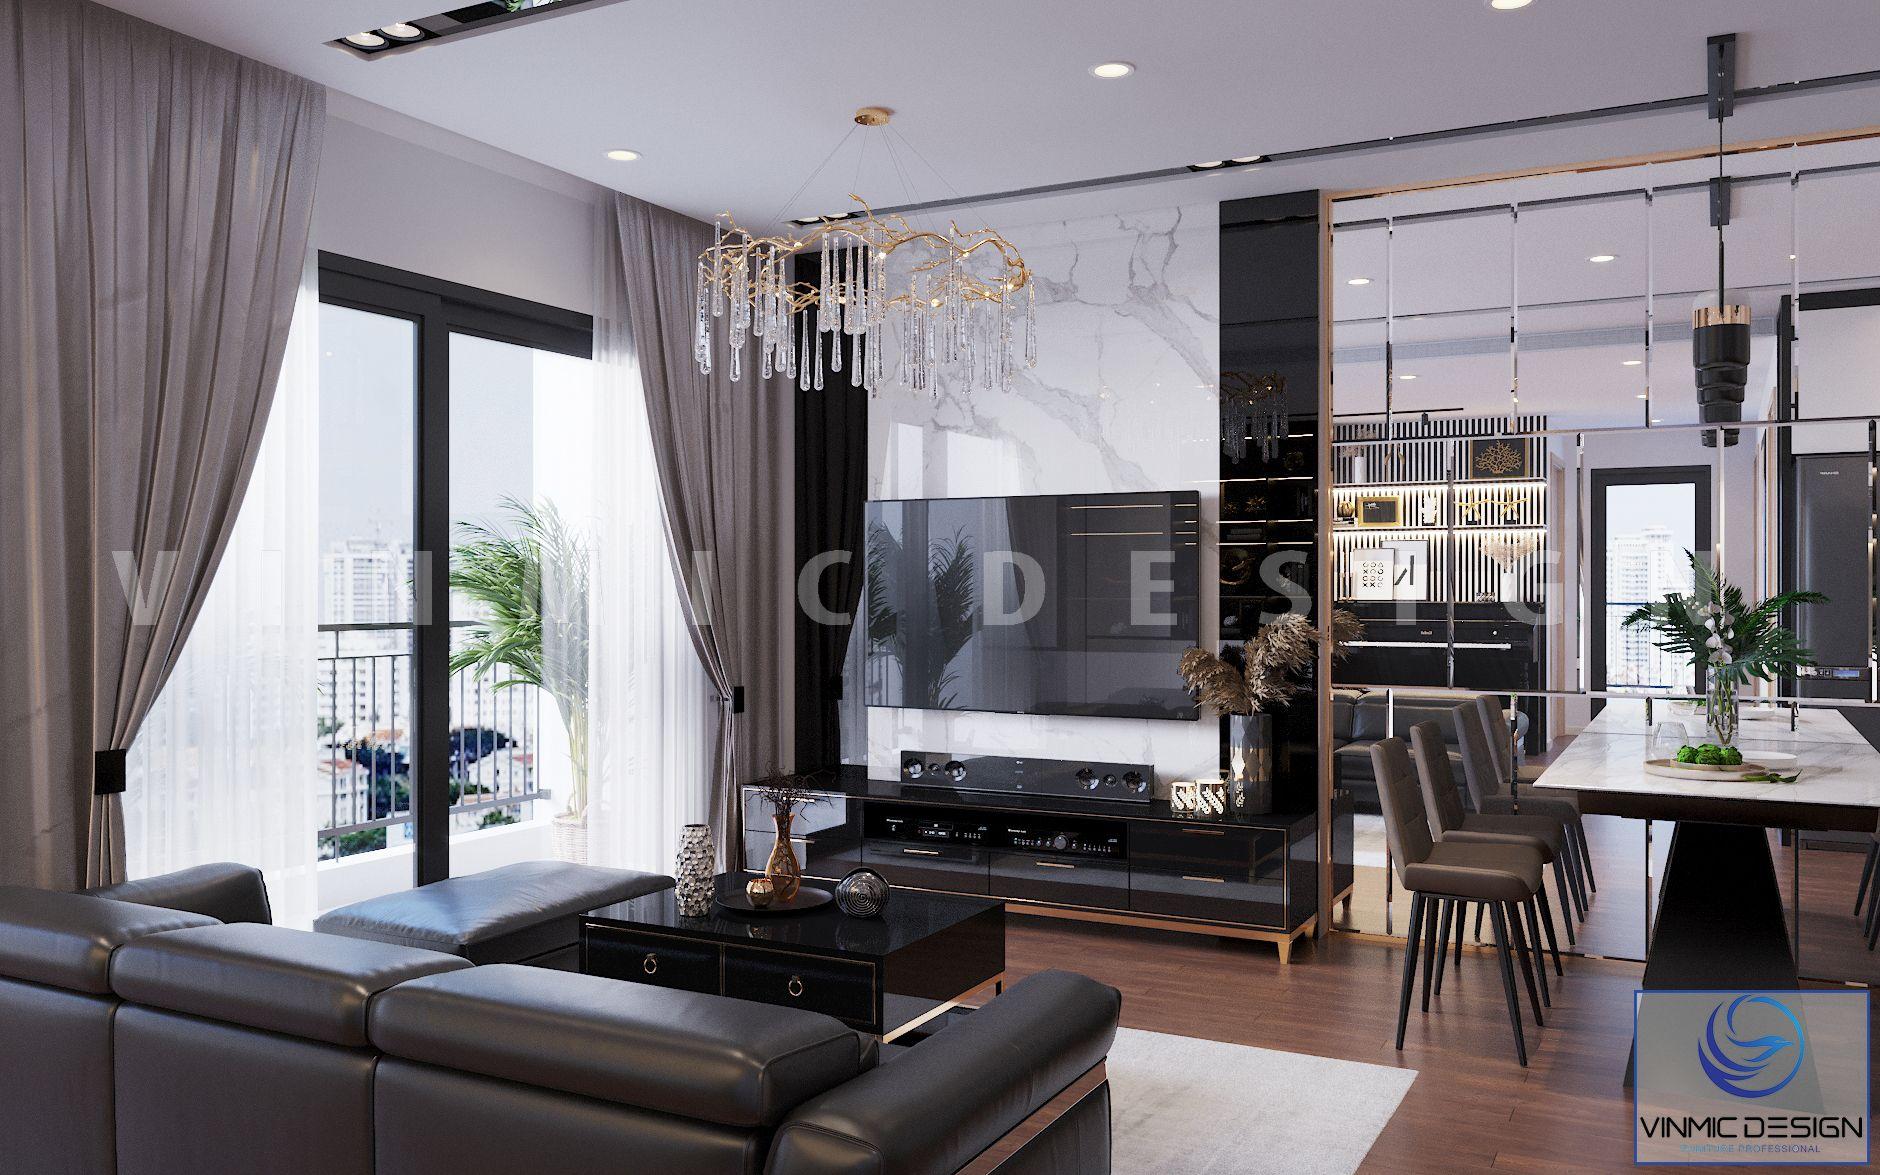 Tông màu đối lập đen trắng của phòng khách và bộ bàn ăn tiện lợi